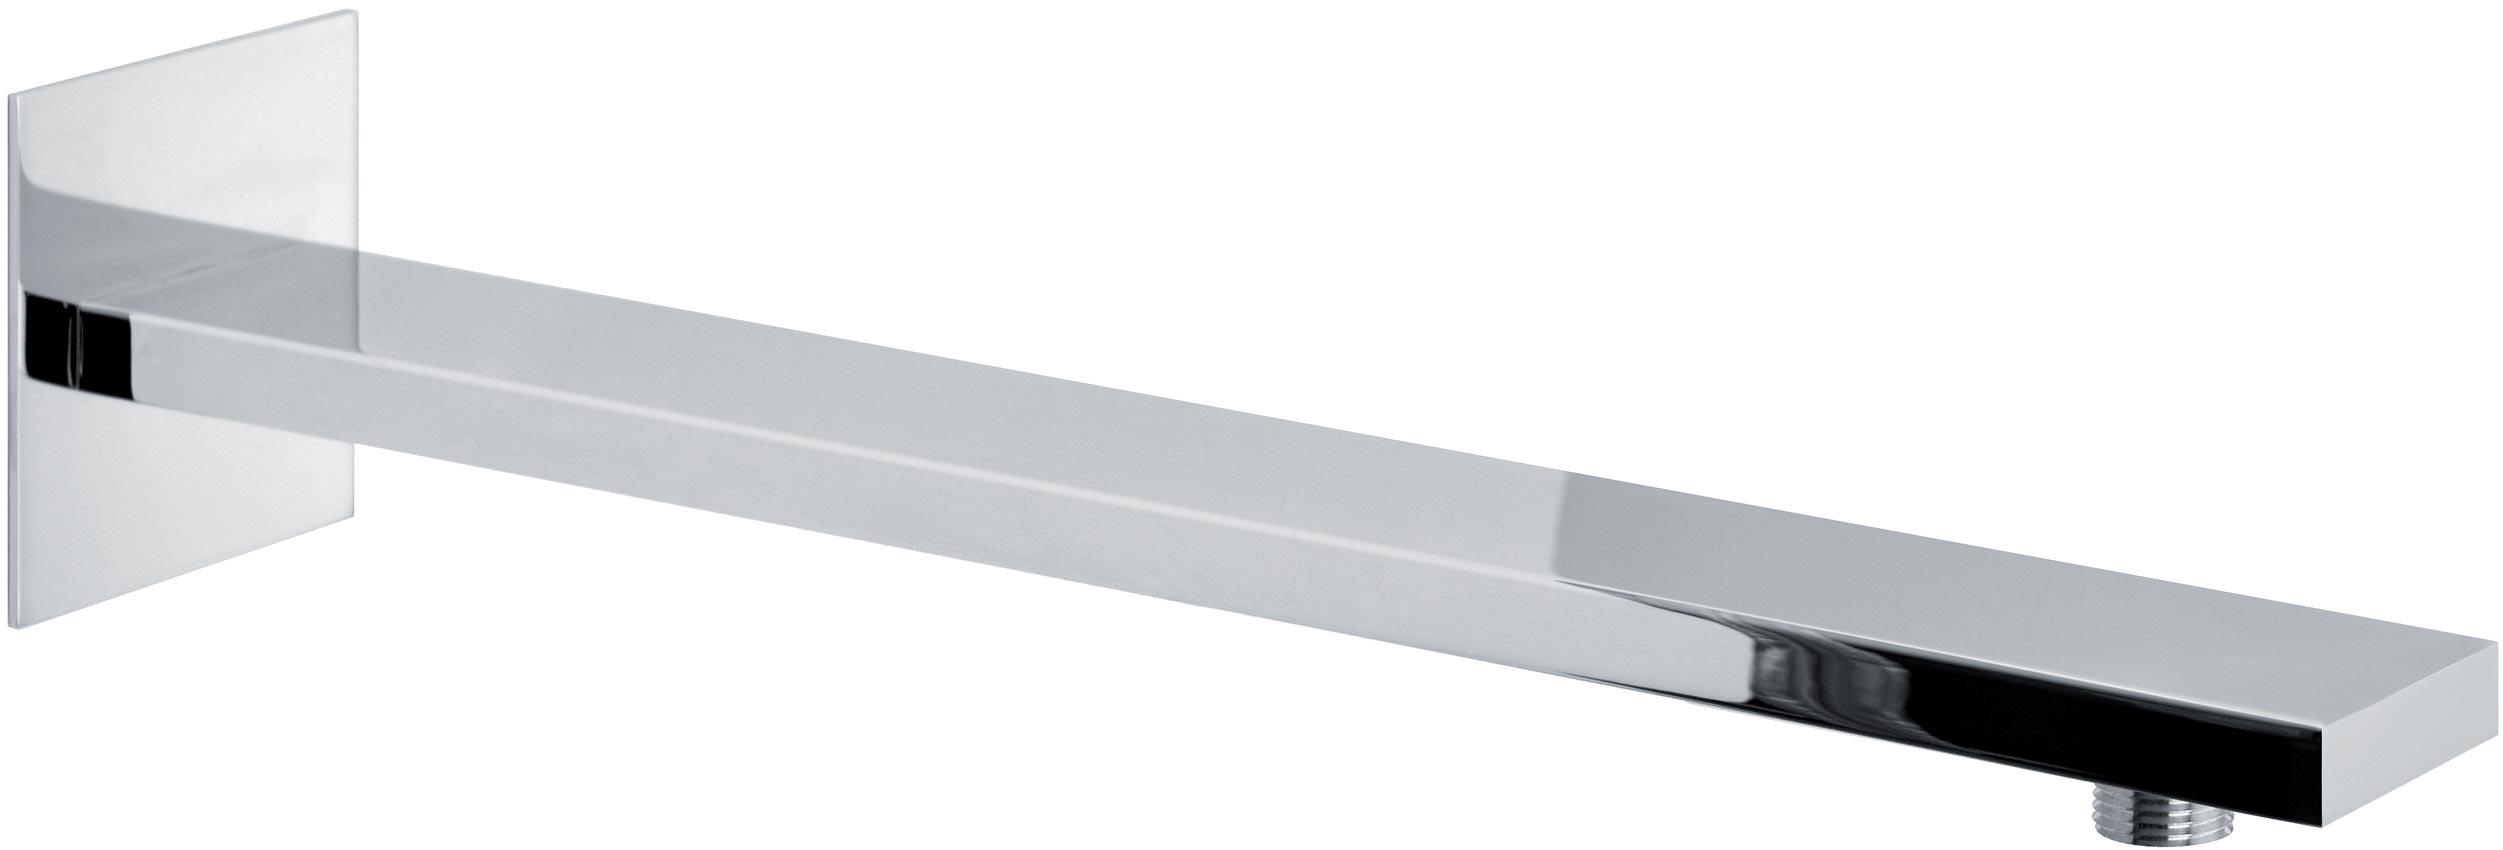 Delo - braccio doccia valencia - cod. 1405039